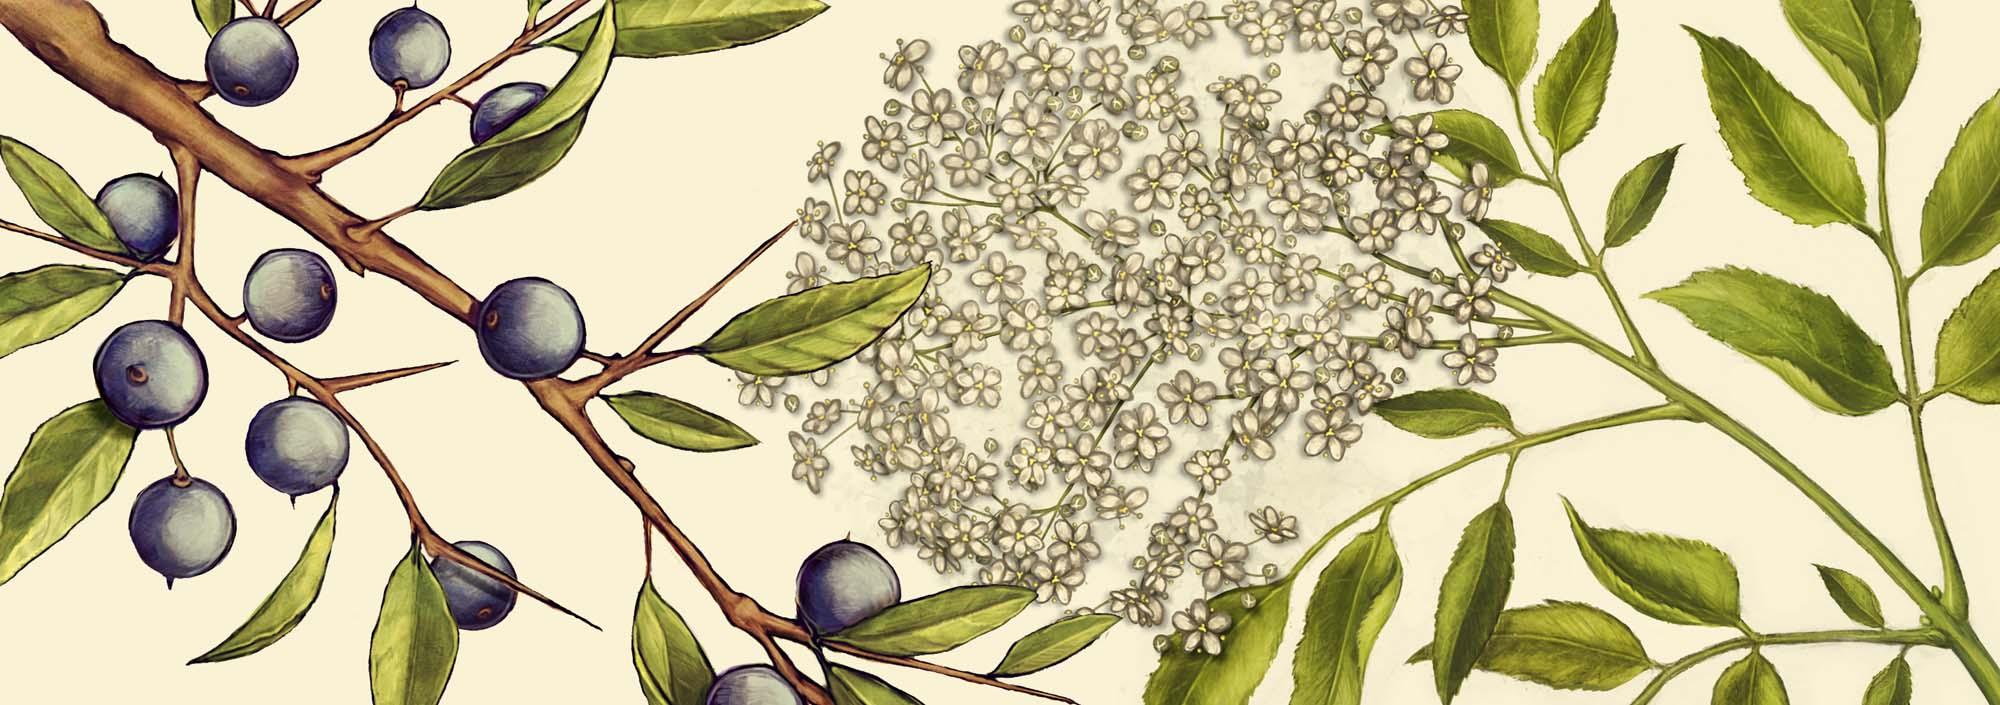 03_BOS_botanicals_montage_HR